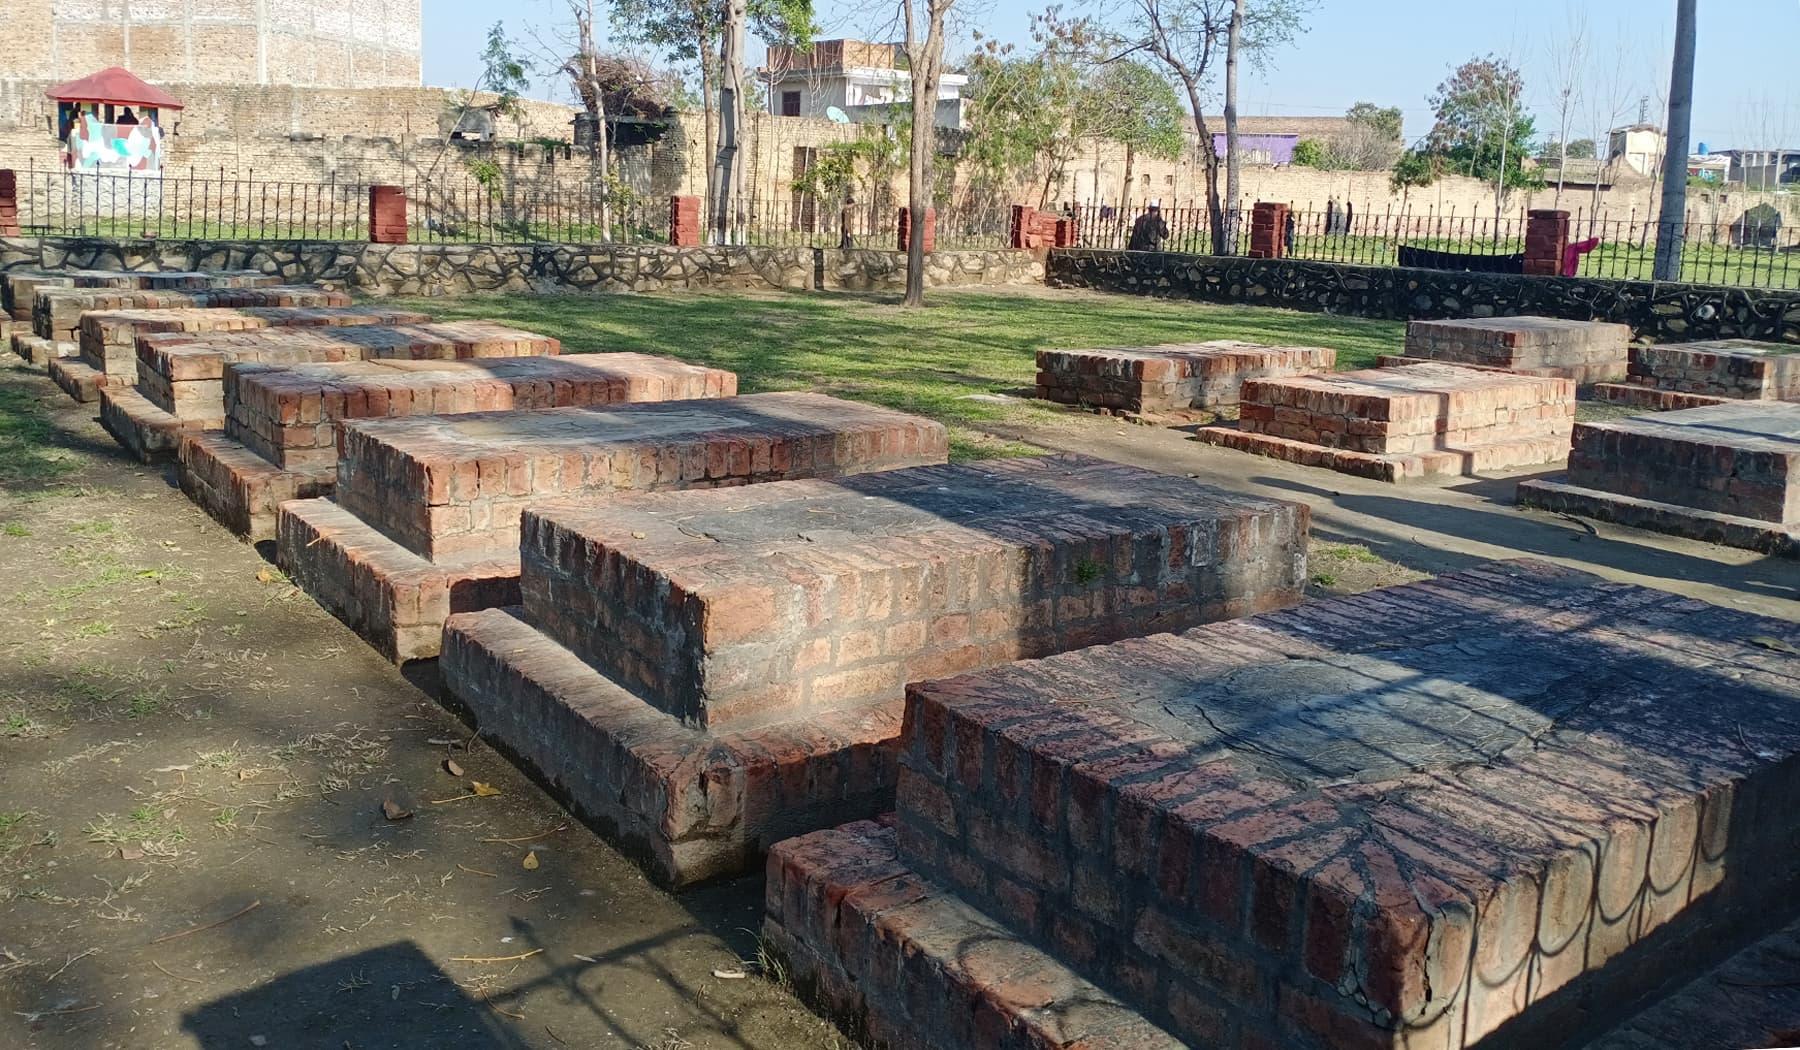 انگریز سپاہیوں کی قبریں جو مقامی مسلمان سپاہیوں کے ہاتھوں 1915ء میں مارے گئے تھے— عظمت اکبر